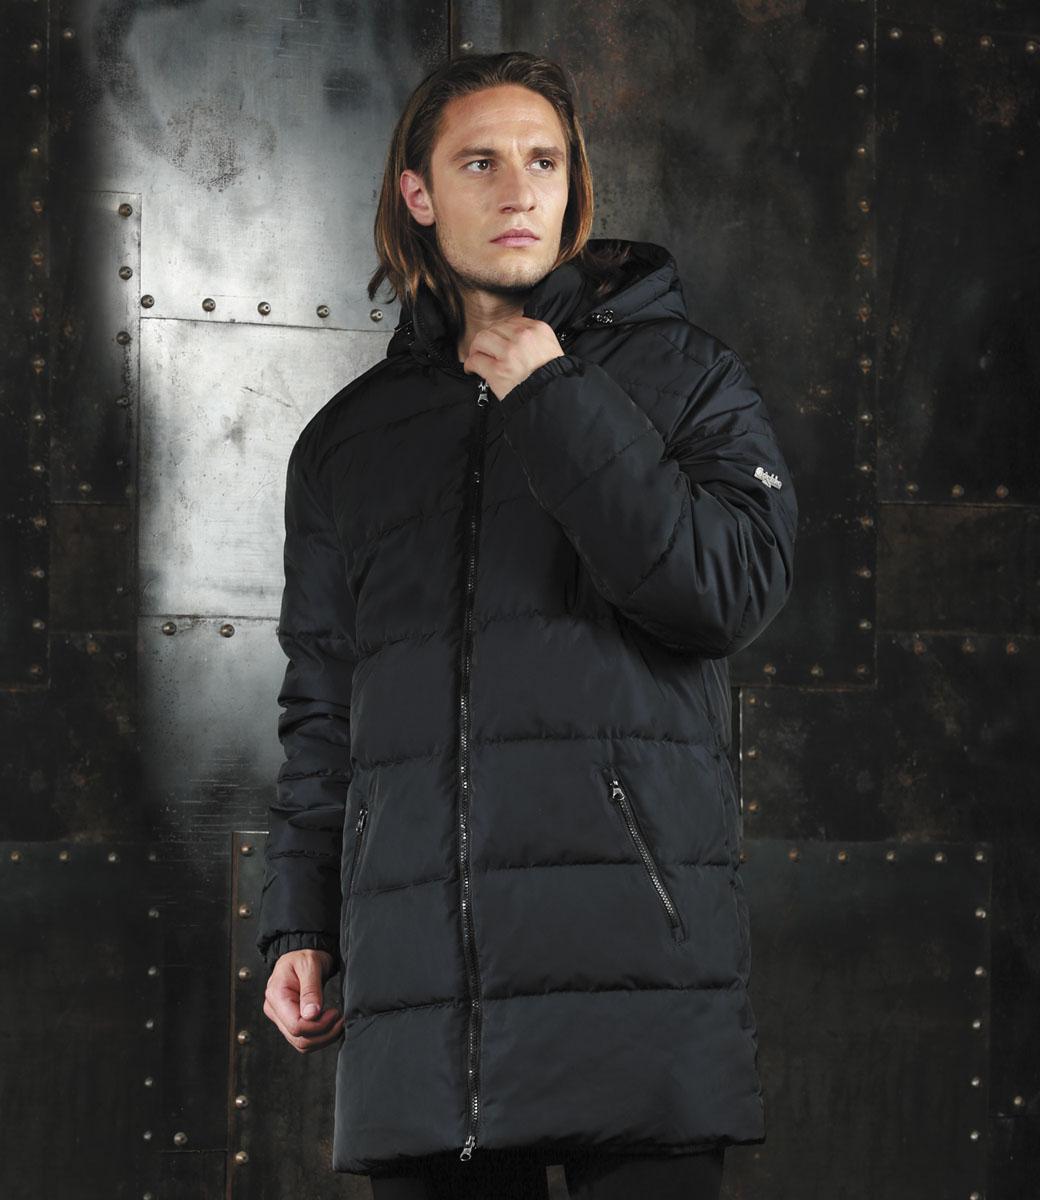 AL-2976Мужская удлинённая куртка Grishko, выполненная из полиамида, придаст образу безупречный стиль. Подкладка изготовлена из гладкого и приятного на ощупь материала. В качестве утеплителя используется полиэфирное волокно, который отлично сохраняет тепло. Куртка прямого кроя с капюшоном и воротником-стойкой застегивается на застежку-молнию с двумя бегунками. С внутренней стороны расположена ветрозащитная планка. Край капюшона дополнен шнурком-кулиской. Низ рукавов собран на резинку. Спереди расположено два прорезных кармана на застежке-молнии, с внутренней стороны - прорезной карман на молнии. Изделие оформлено фирменным логотипом. Такая практичная и теплая куртка послужит отличным дополнением к вашему гардеробу!